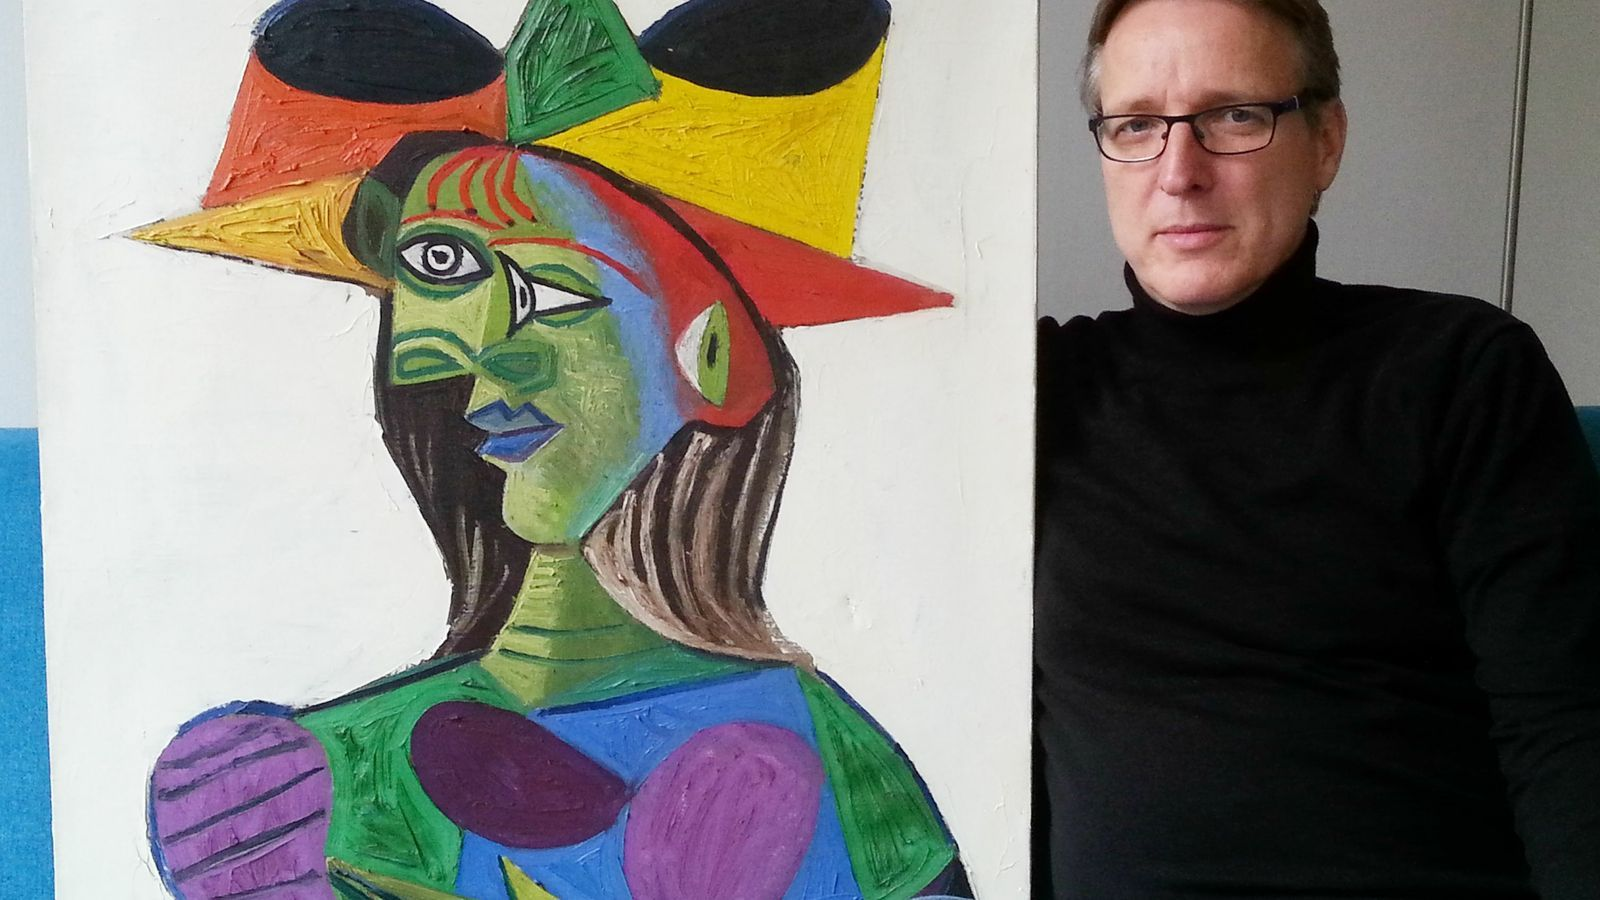 L'investigador Arthur Brand ha trobat un Picasso, 'Bust de dona (Dora Maar)'